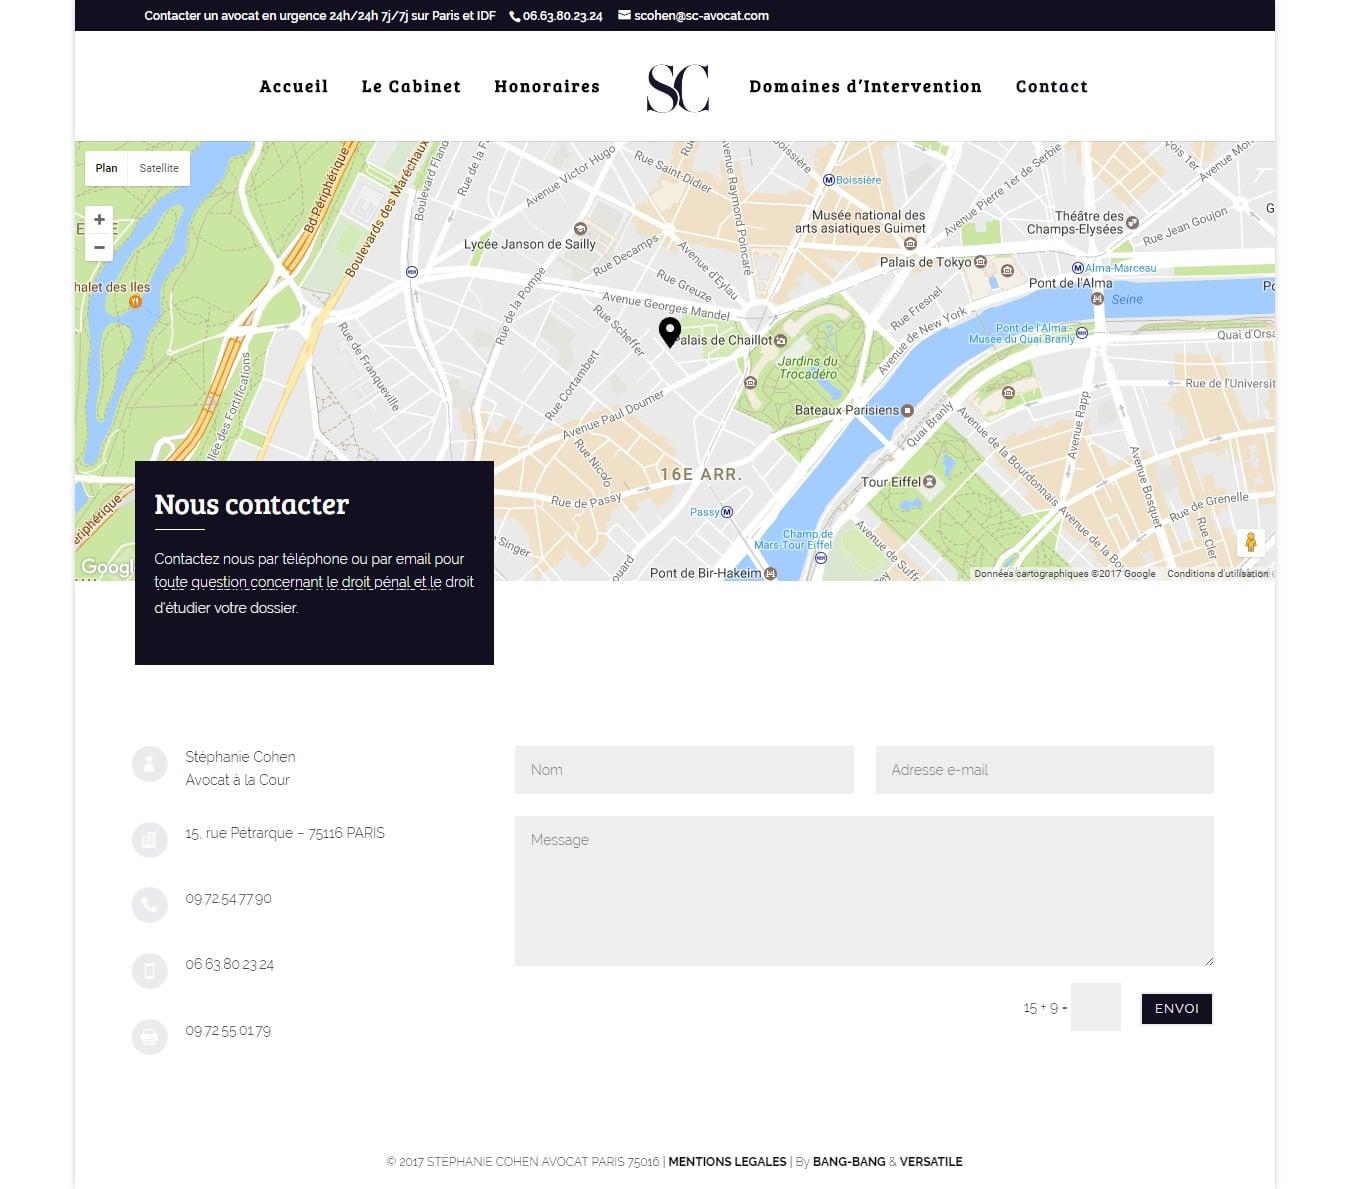 Coordonnées Stéphanie Cohen Avocate à Paris Droit Pénal et Familial